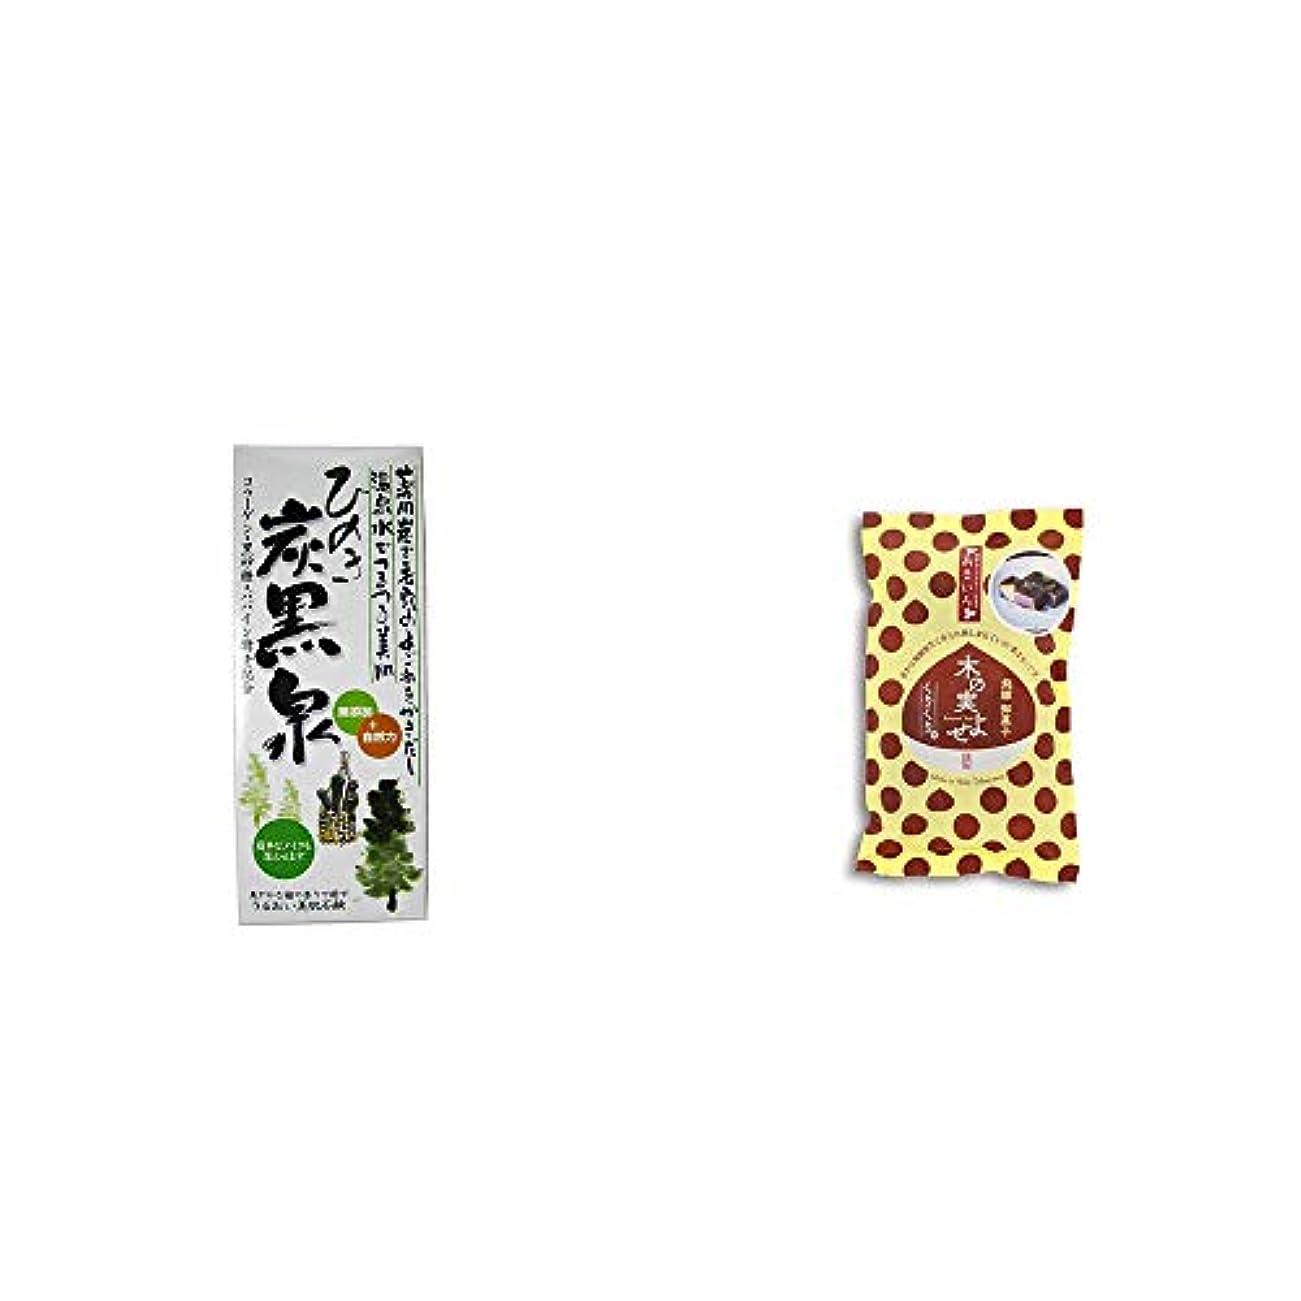 護衛メイド見えない[2点セット] ひのき炭黒泉 箱入り(75g×3)?木の実よせ くりくり味(5個入)